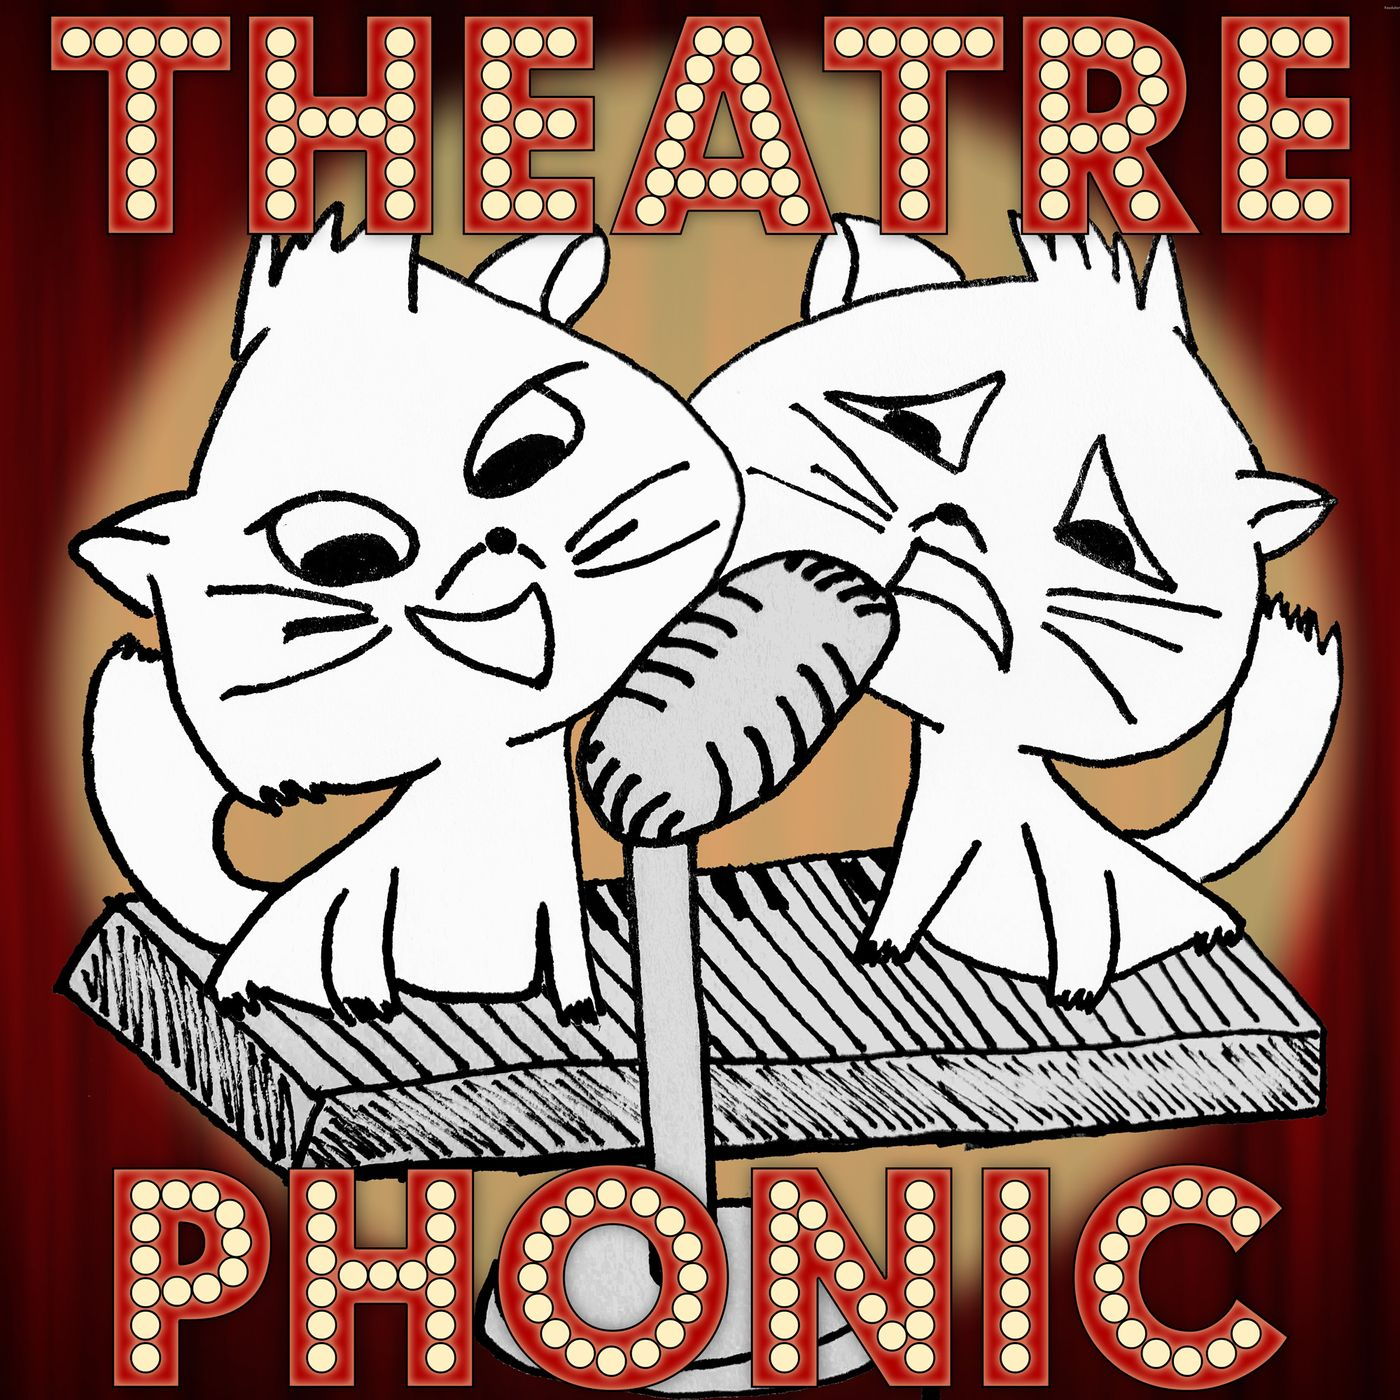 Theatrephonic